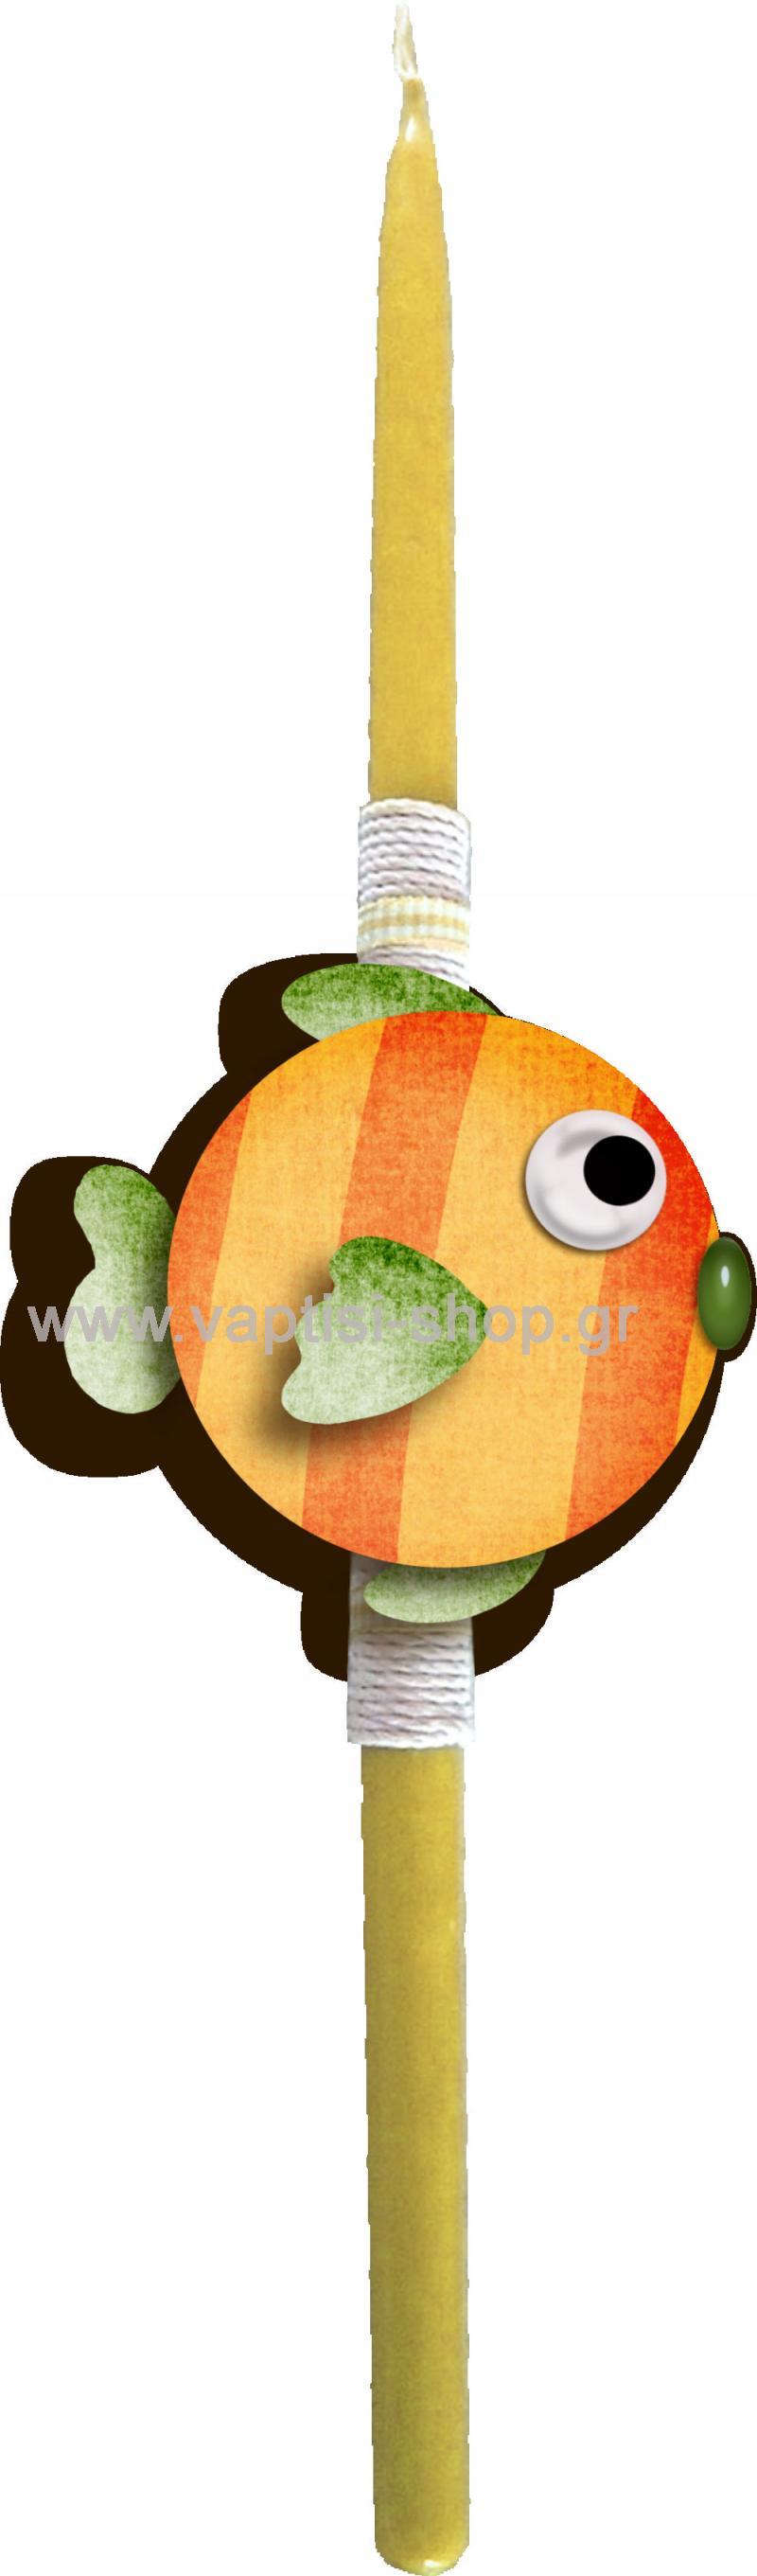 Πασχαλινή Λαμπάδα Ψαράκι